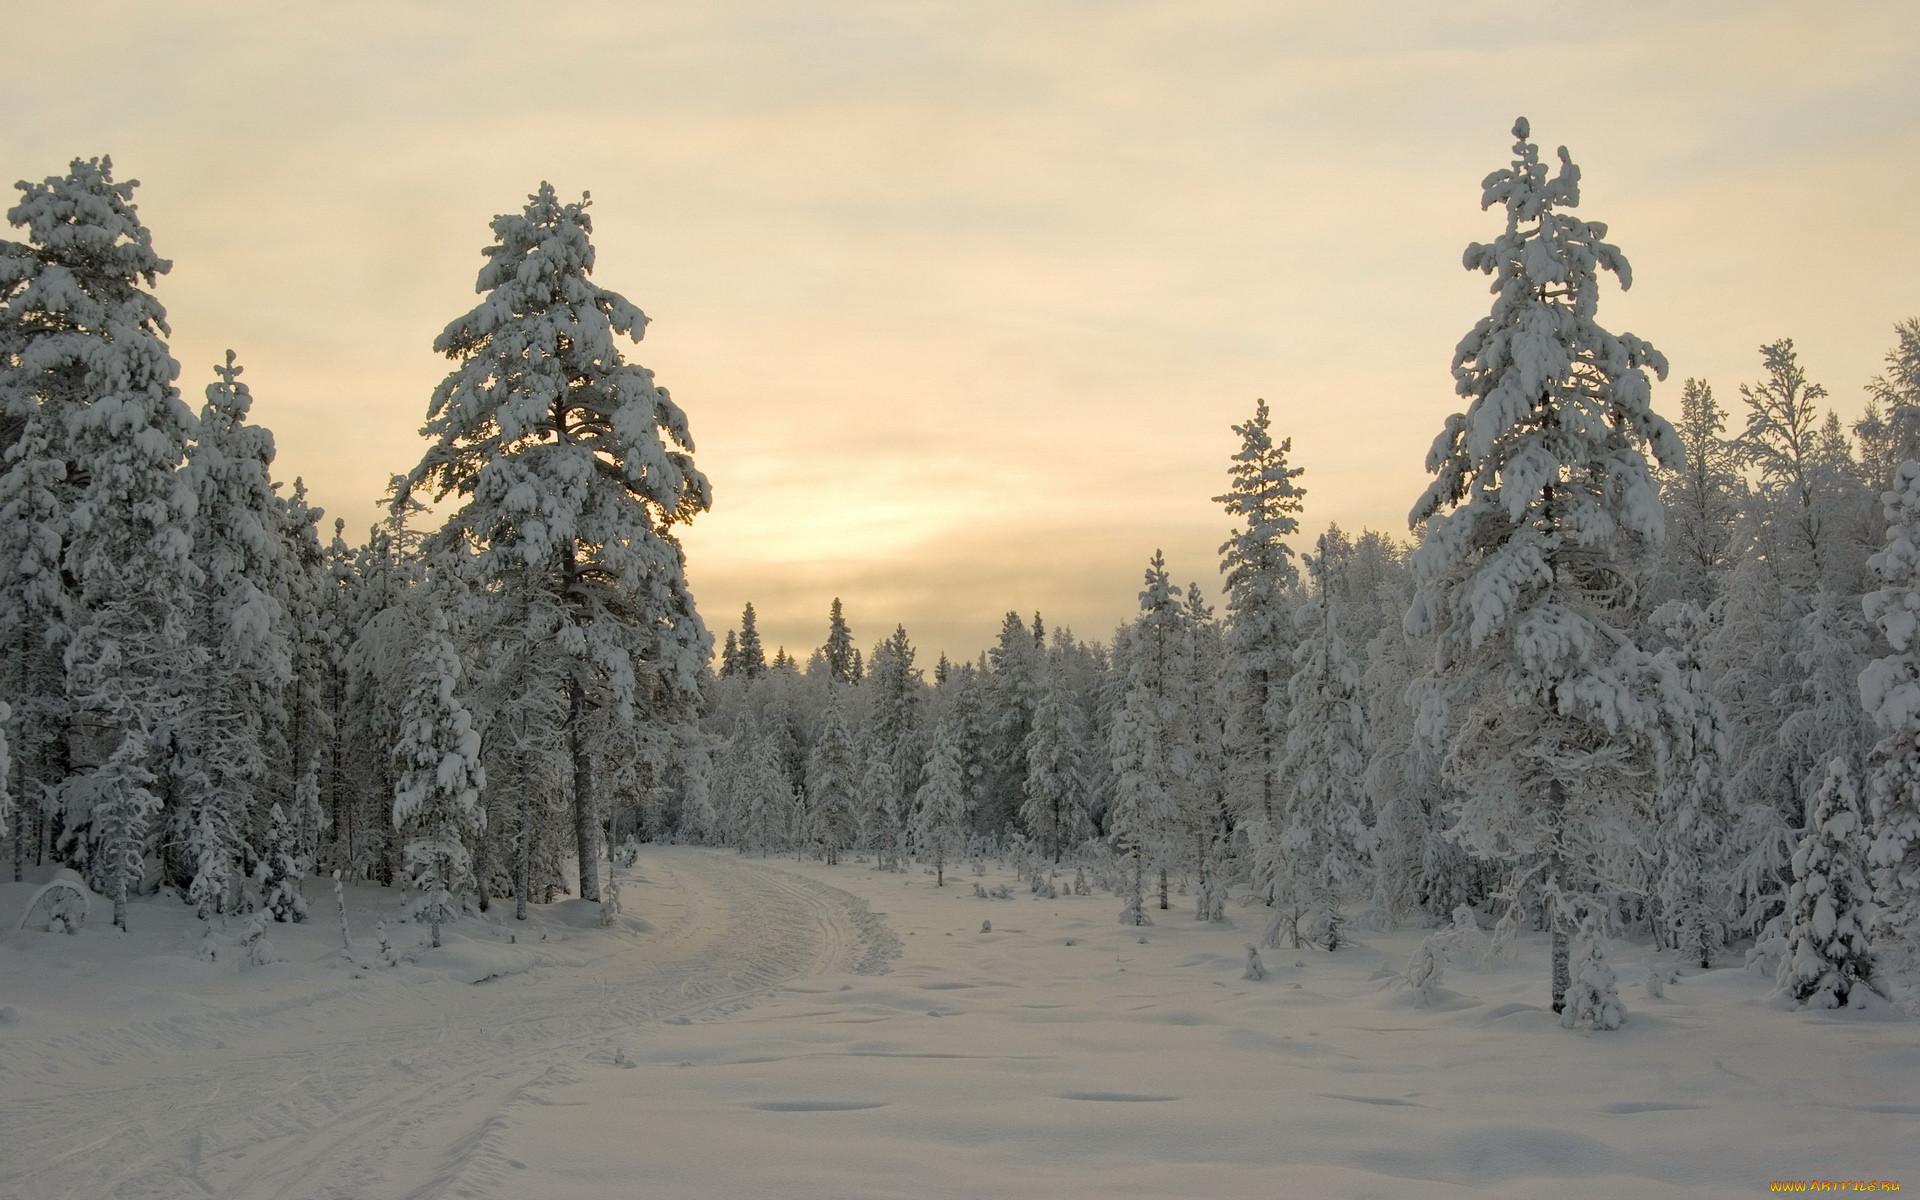 редкая картинка зимней лесной поляны нашу феечку